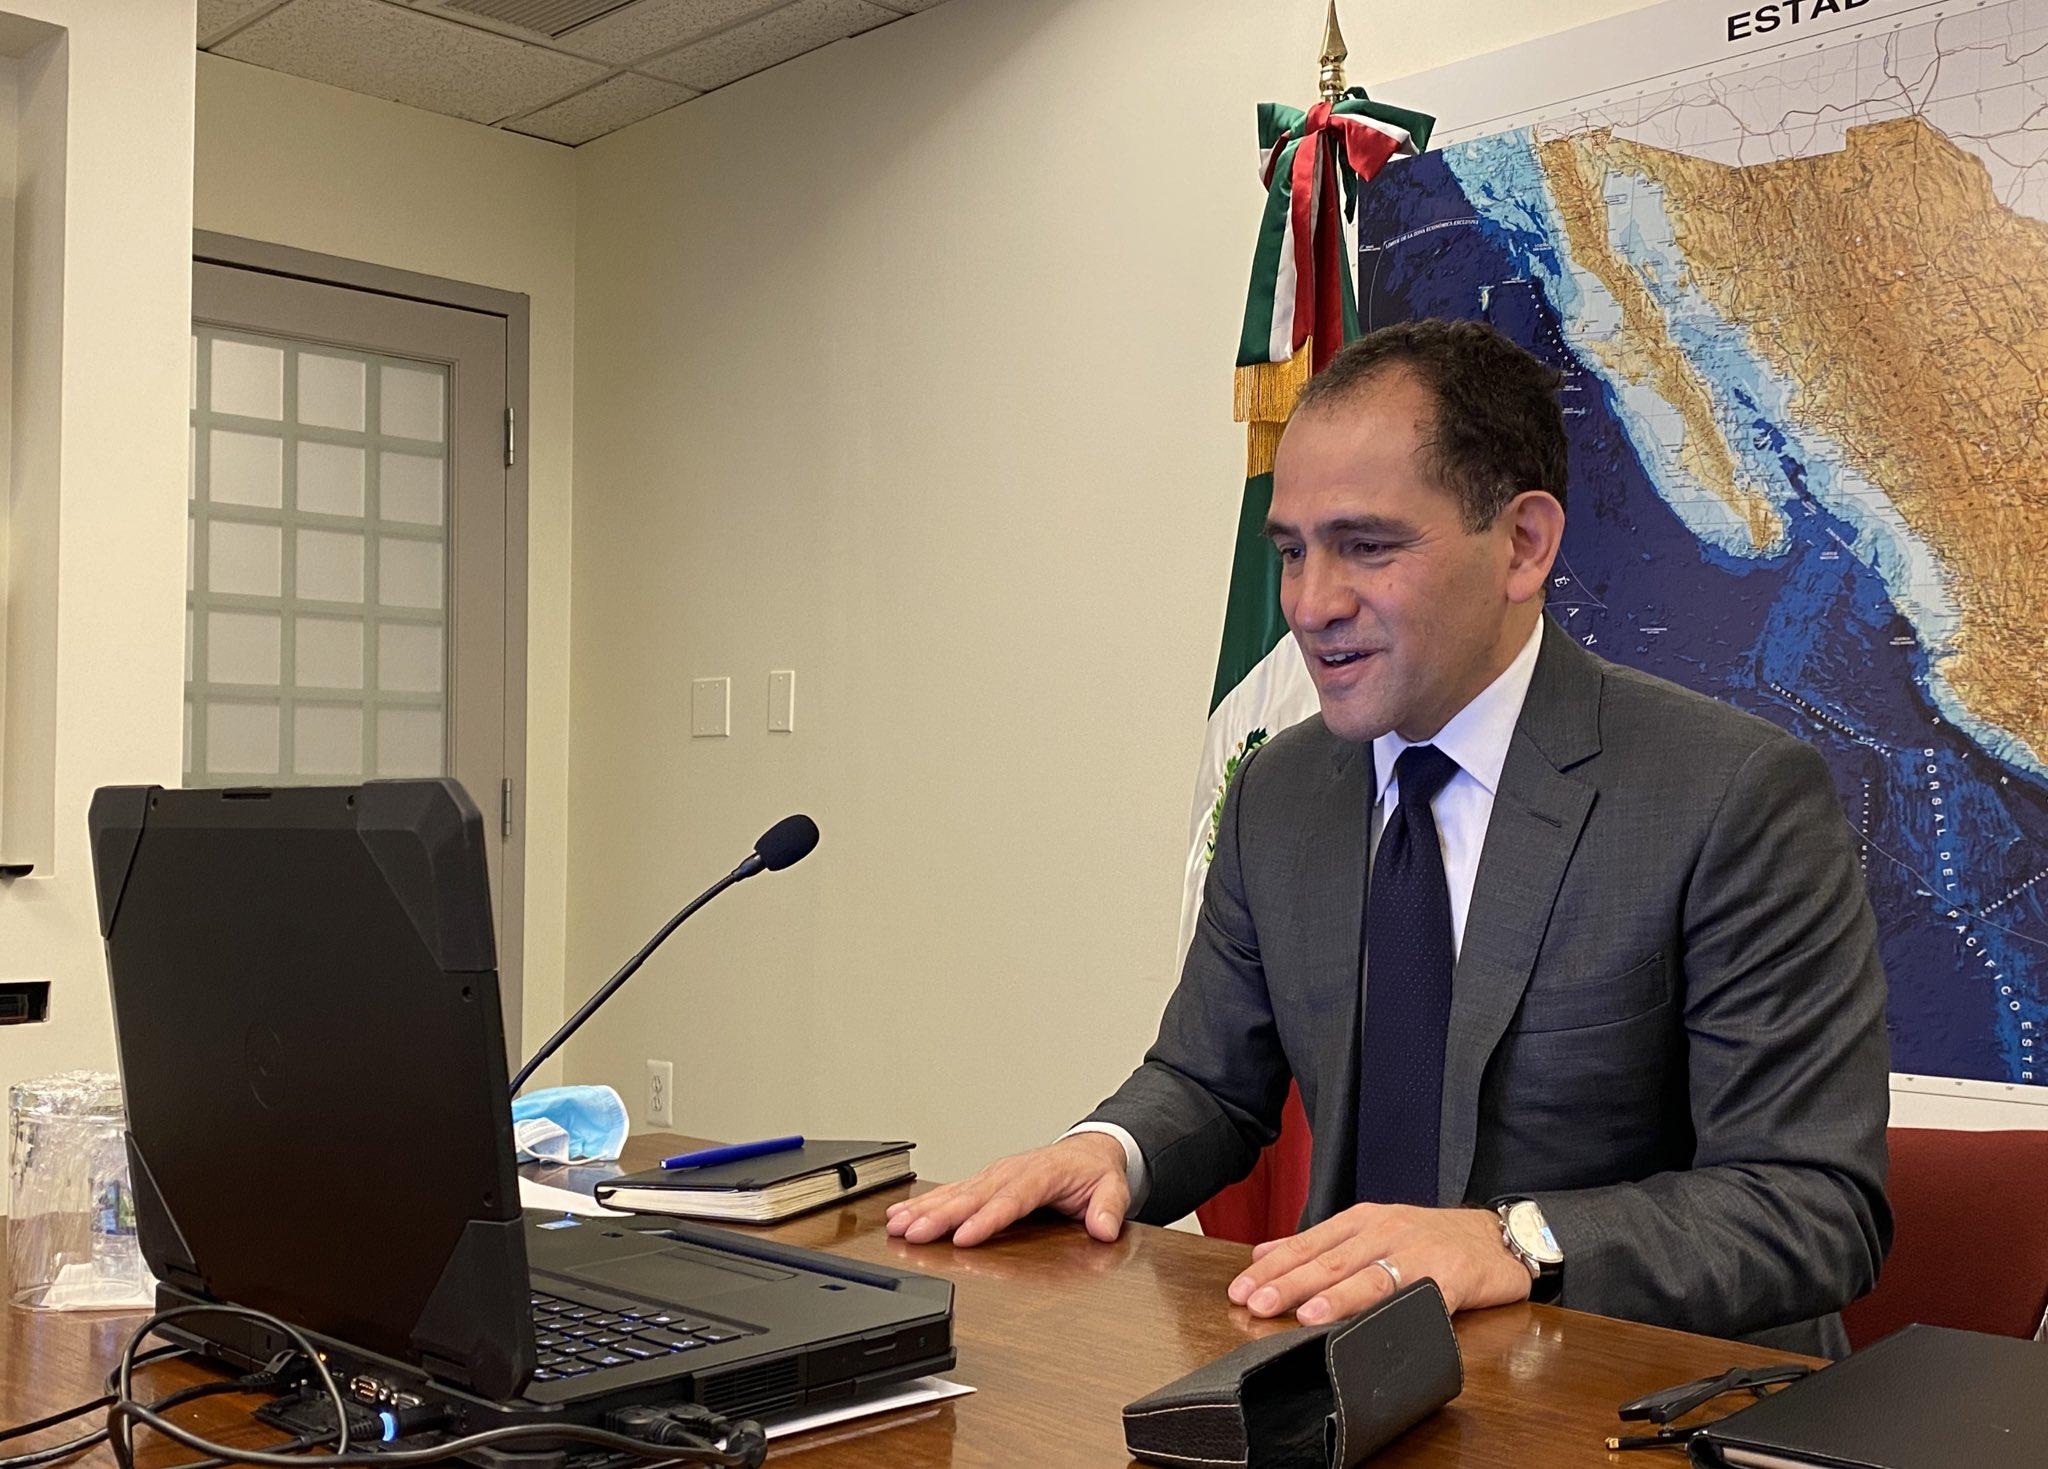 Arturo Herrera / https://twitter.com/ArturoHerrera_G